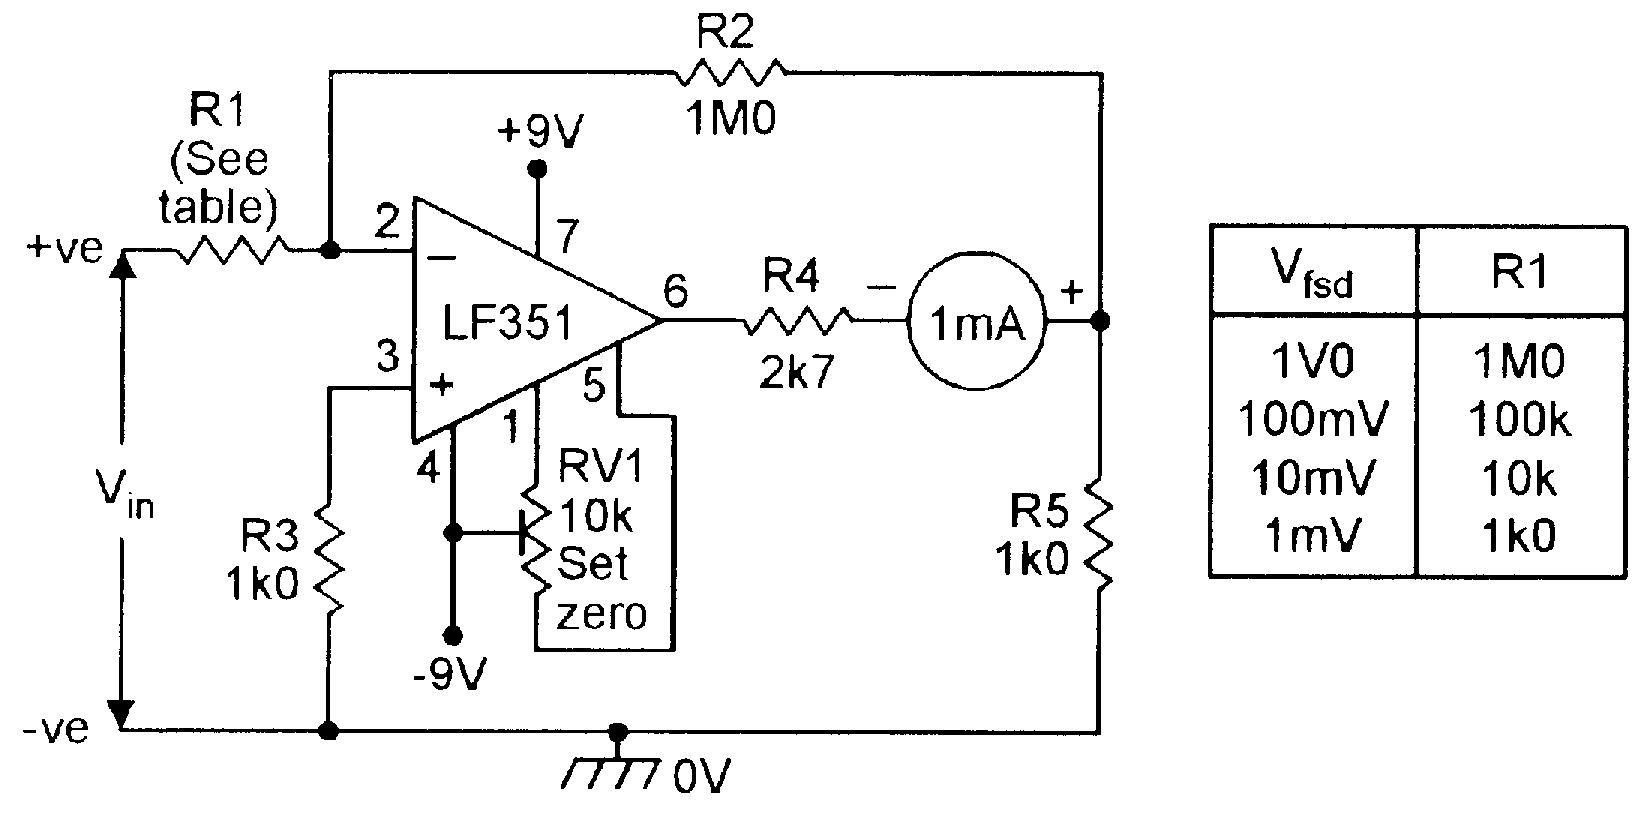 Amp Meter Wiring